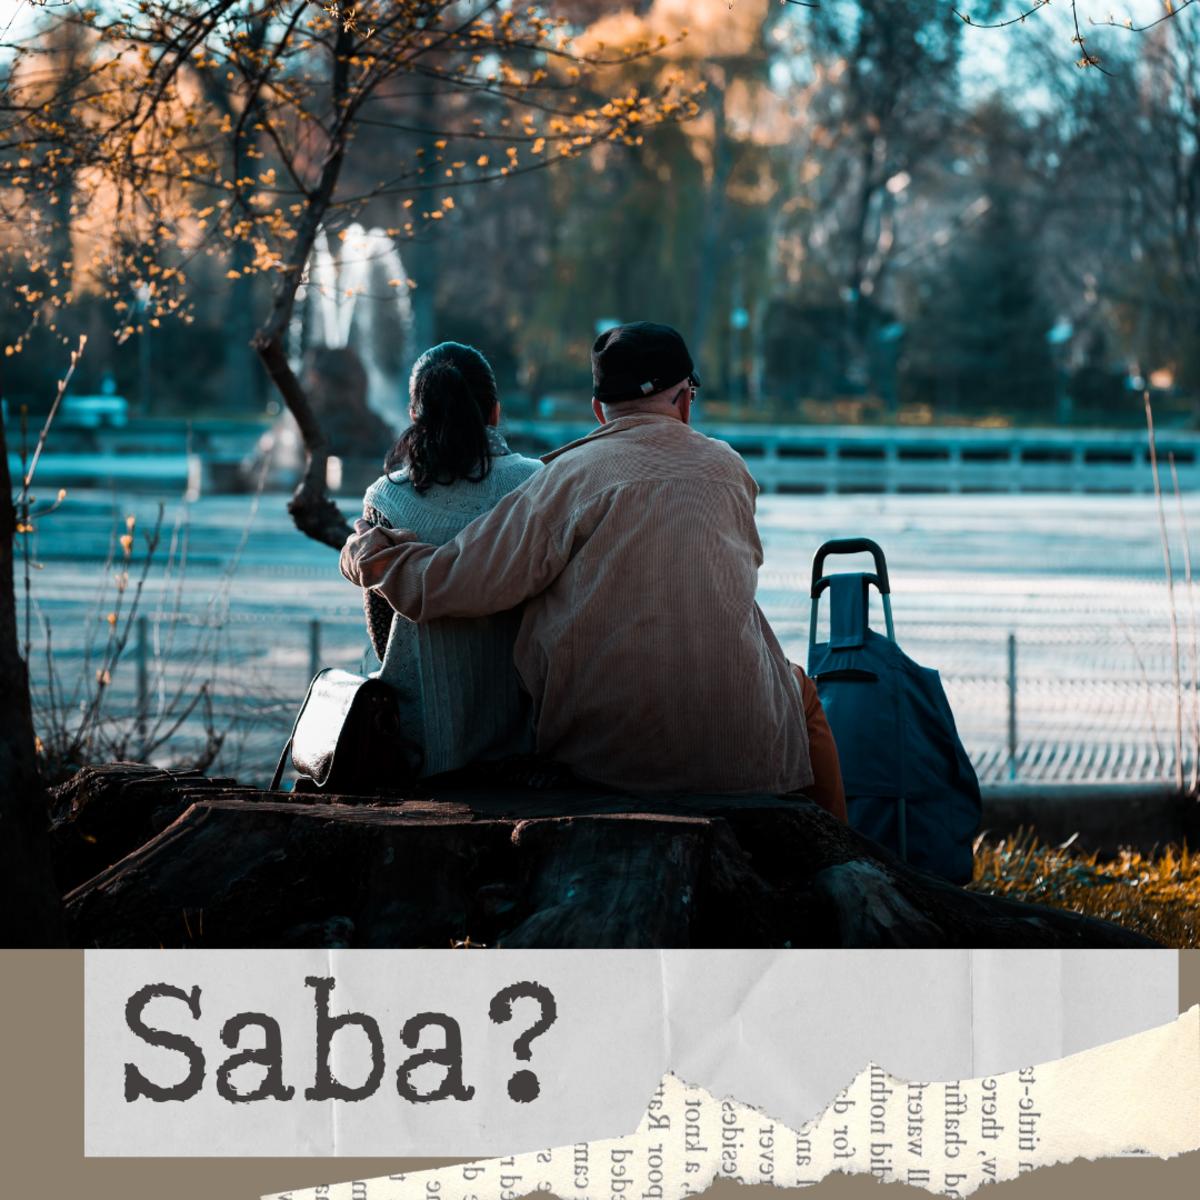 Are you a Saba?